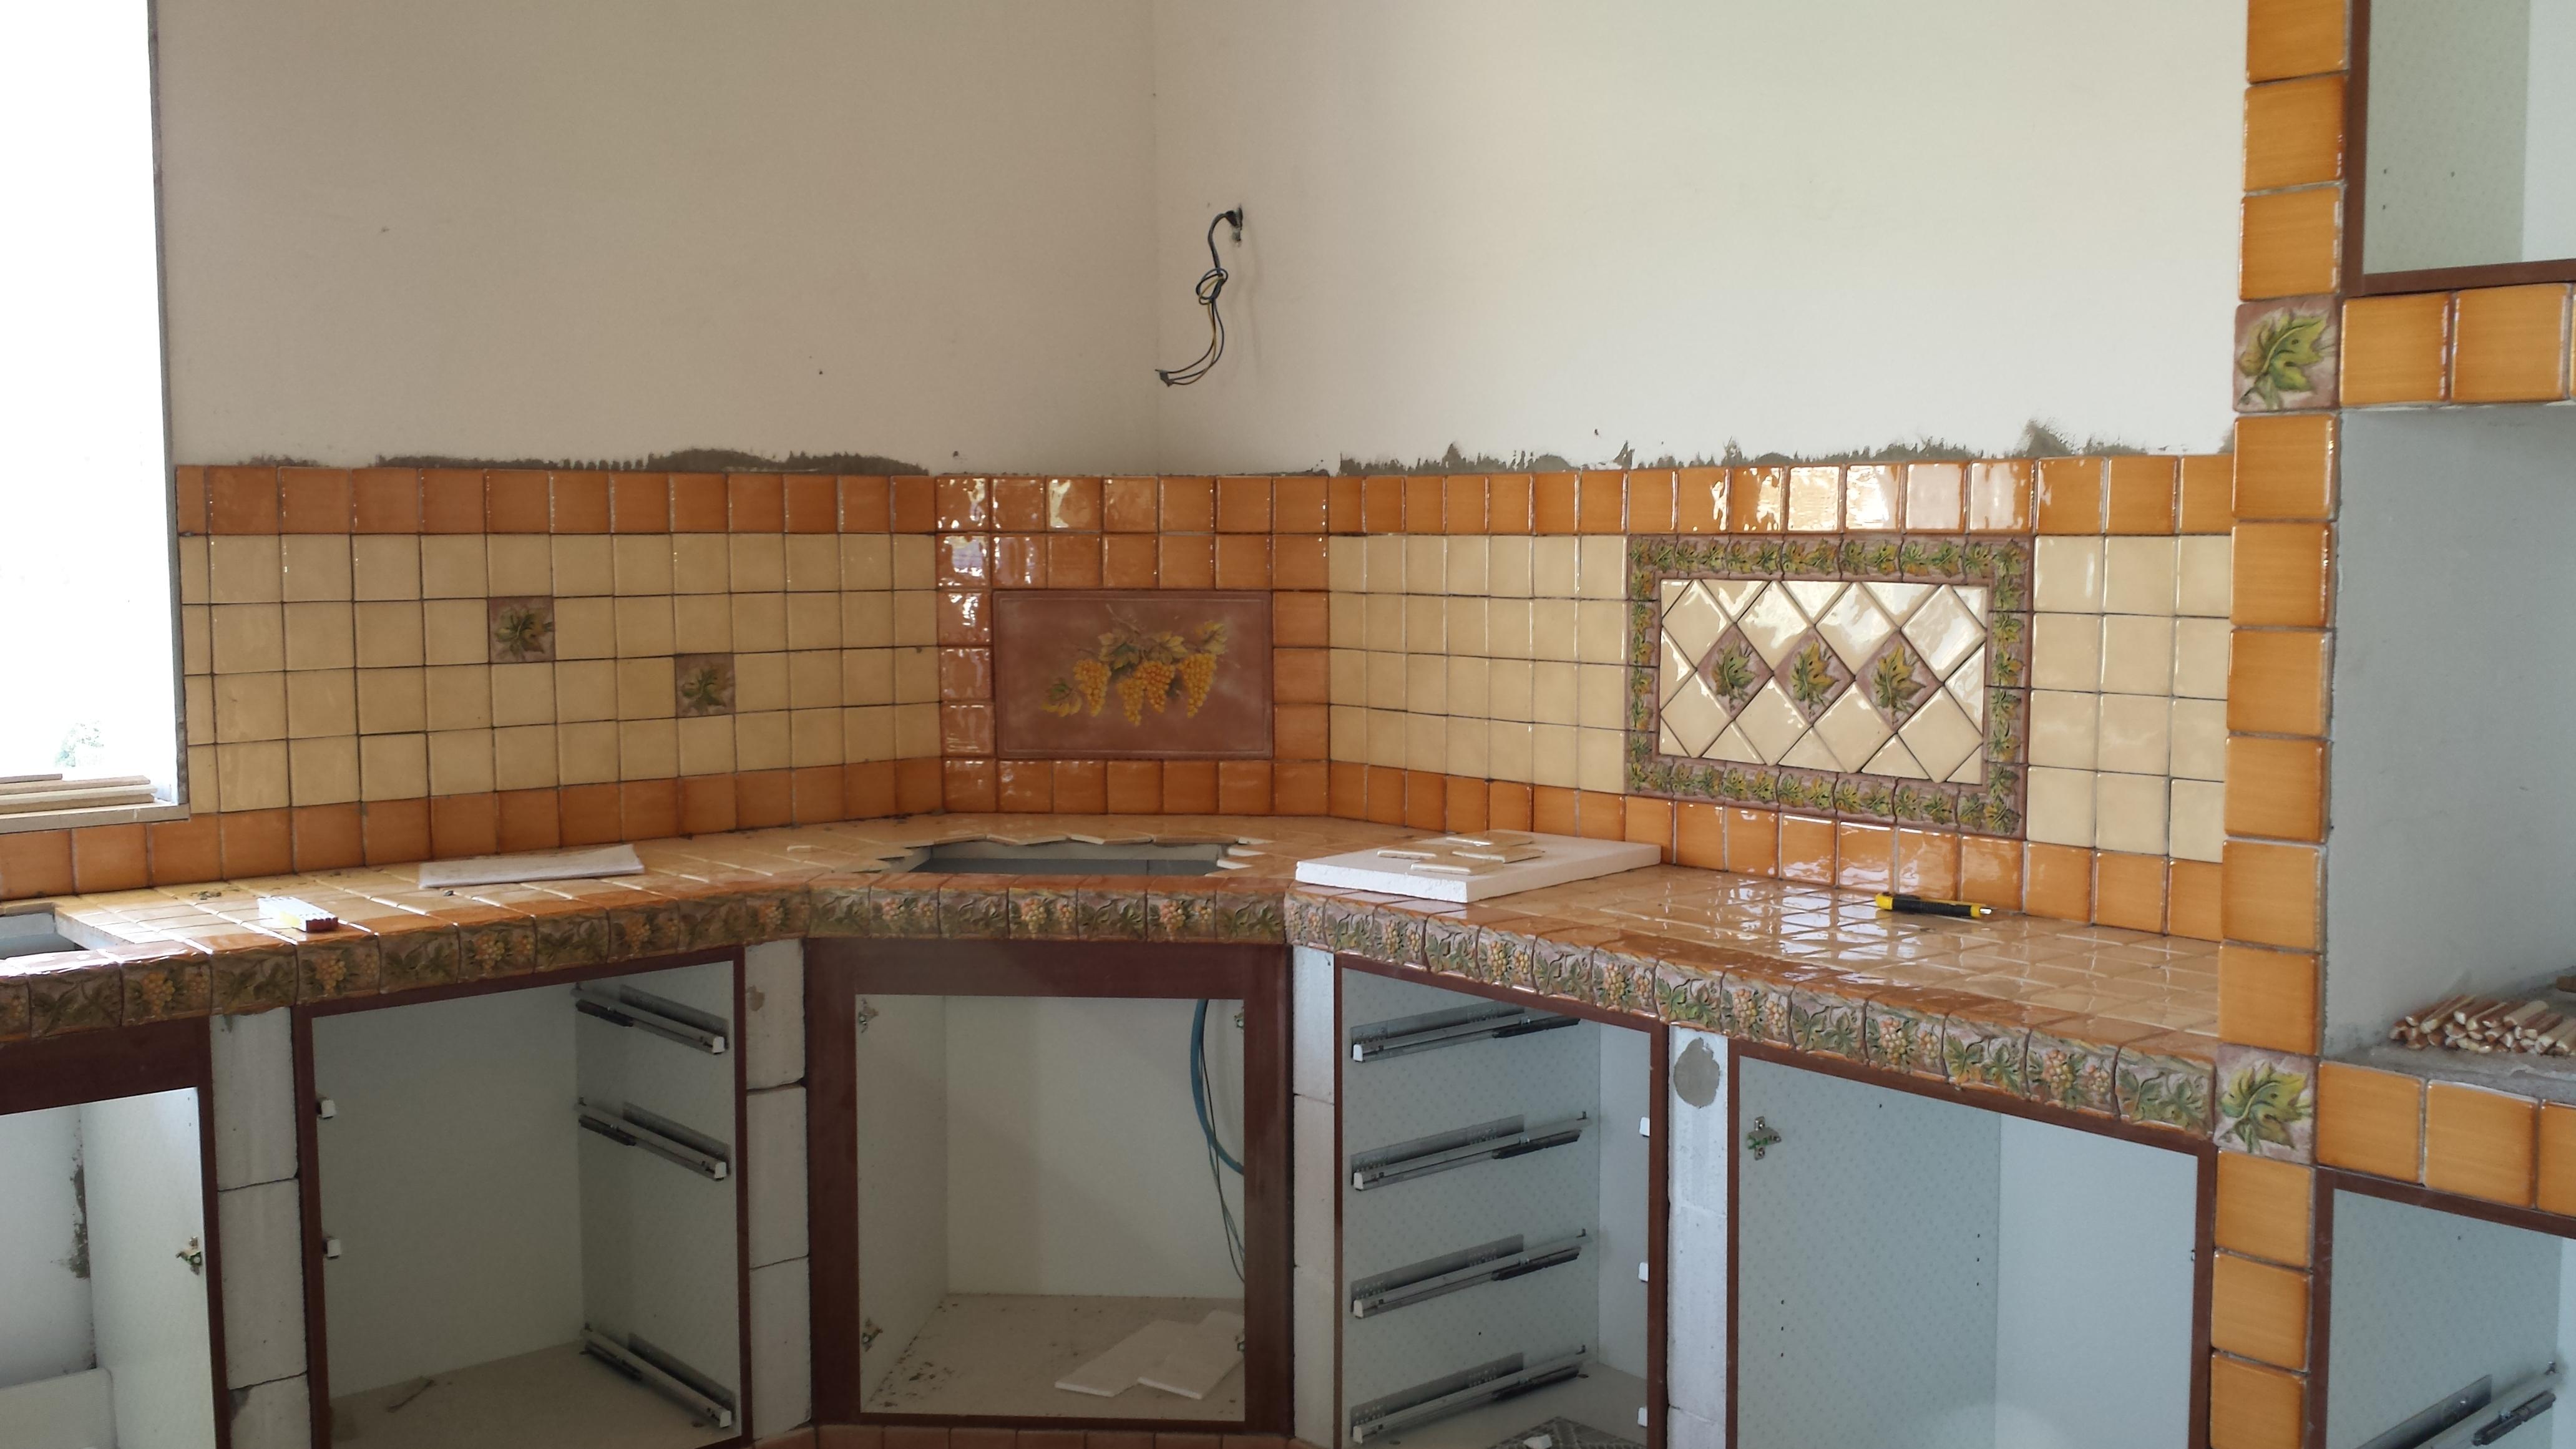 Realizzazione cucine in muratura santo tomagra for Cucine in muratura